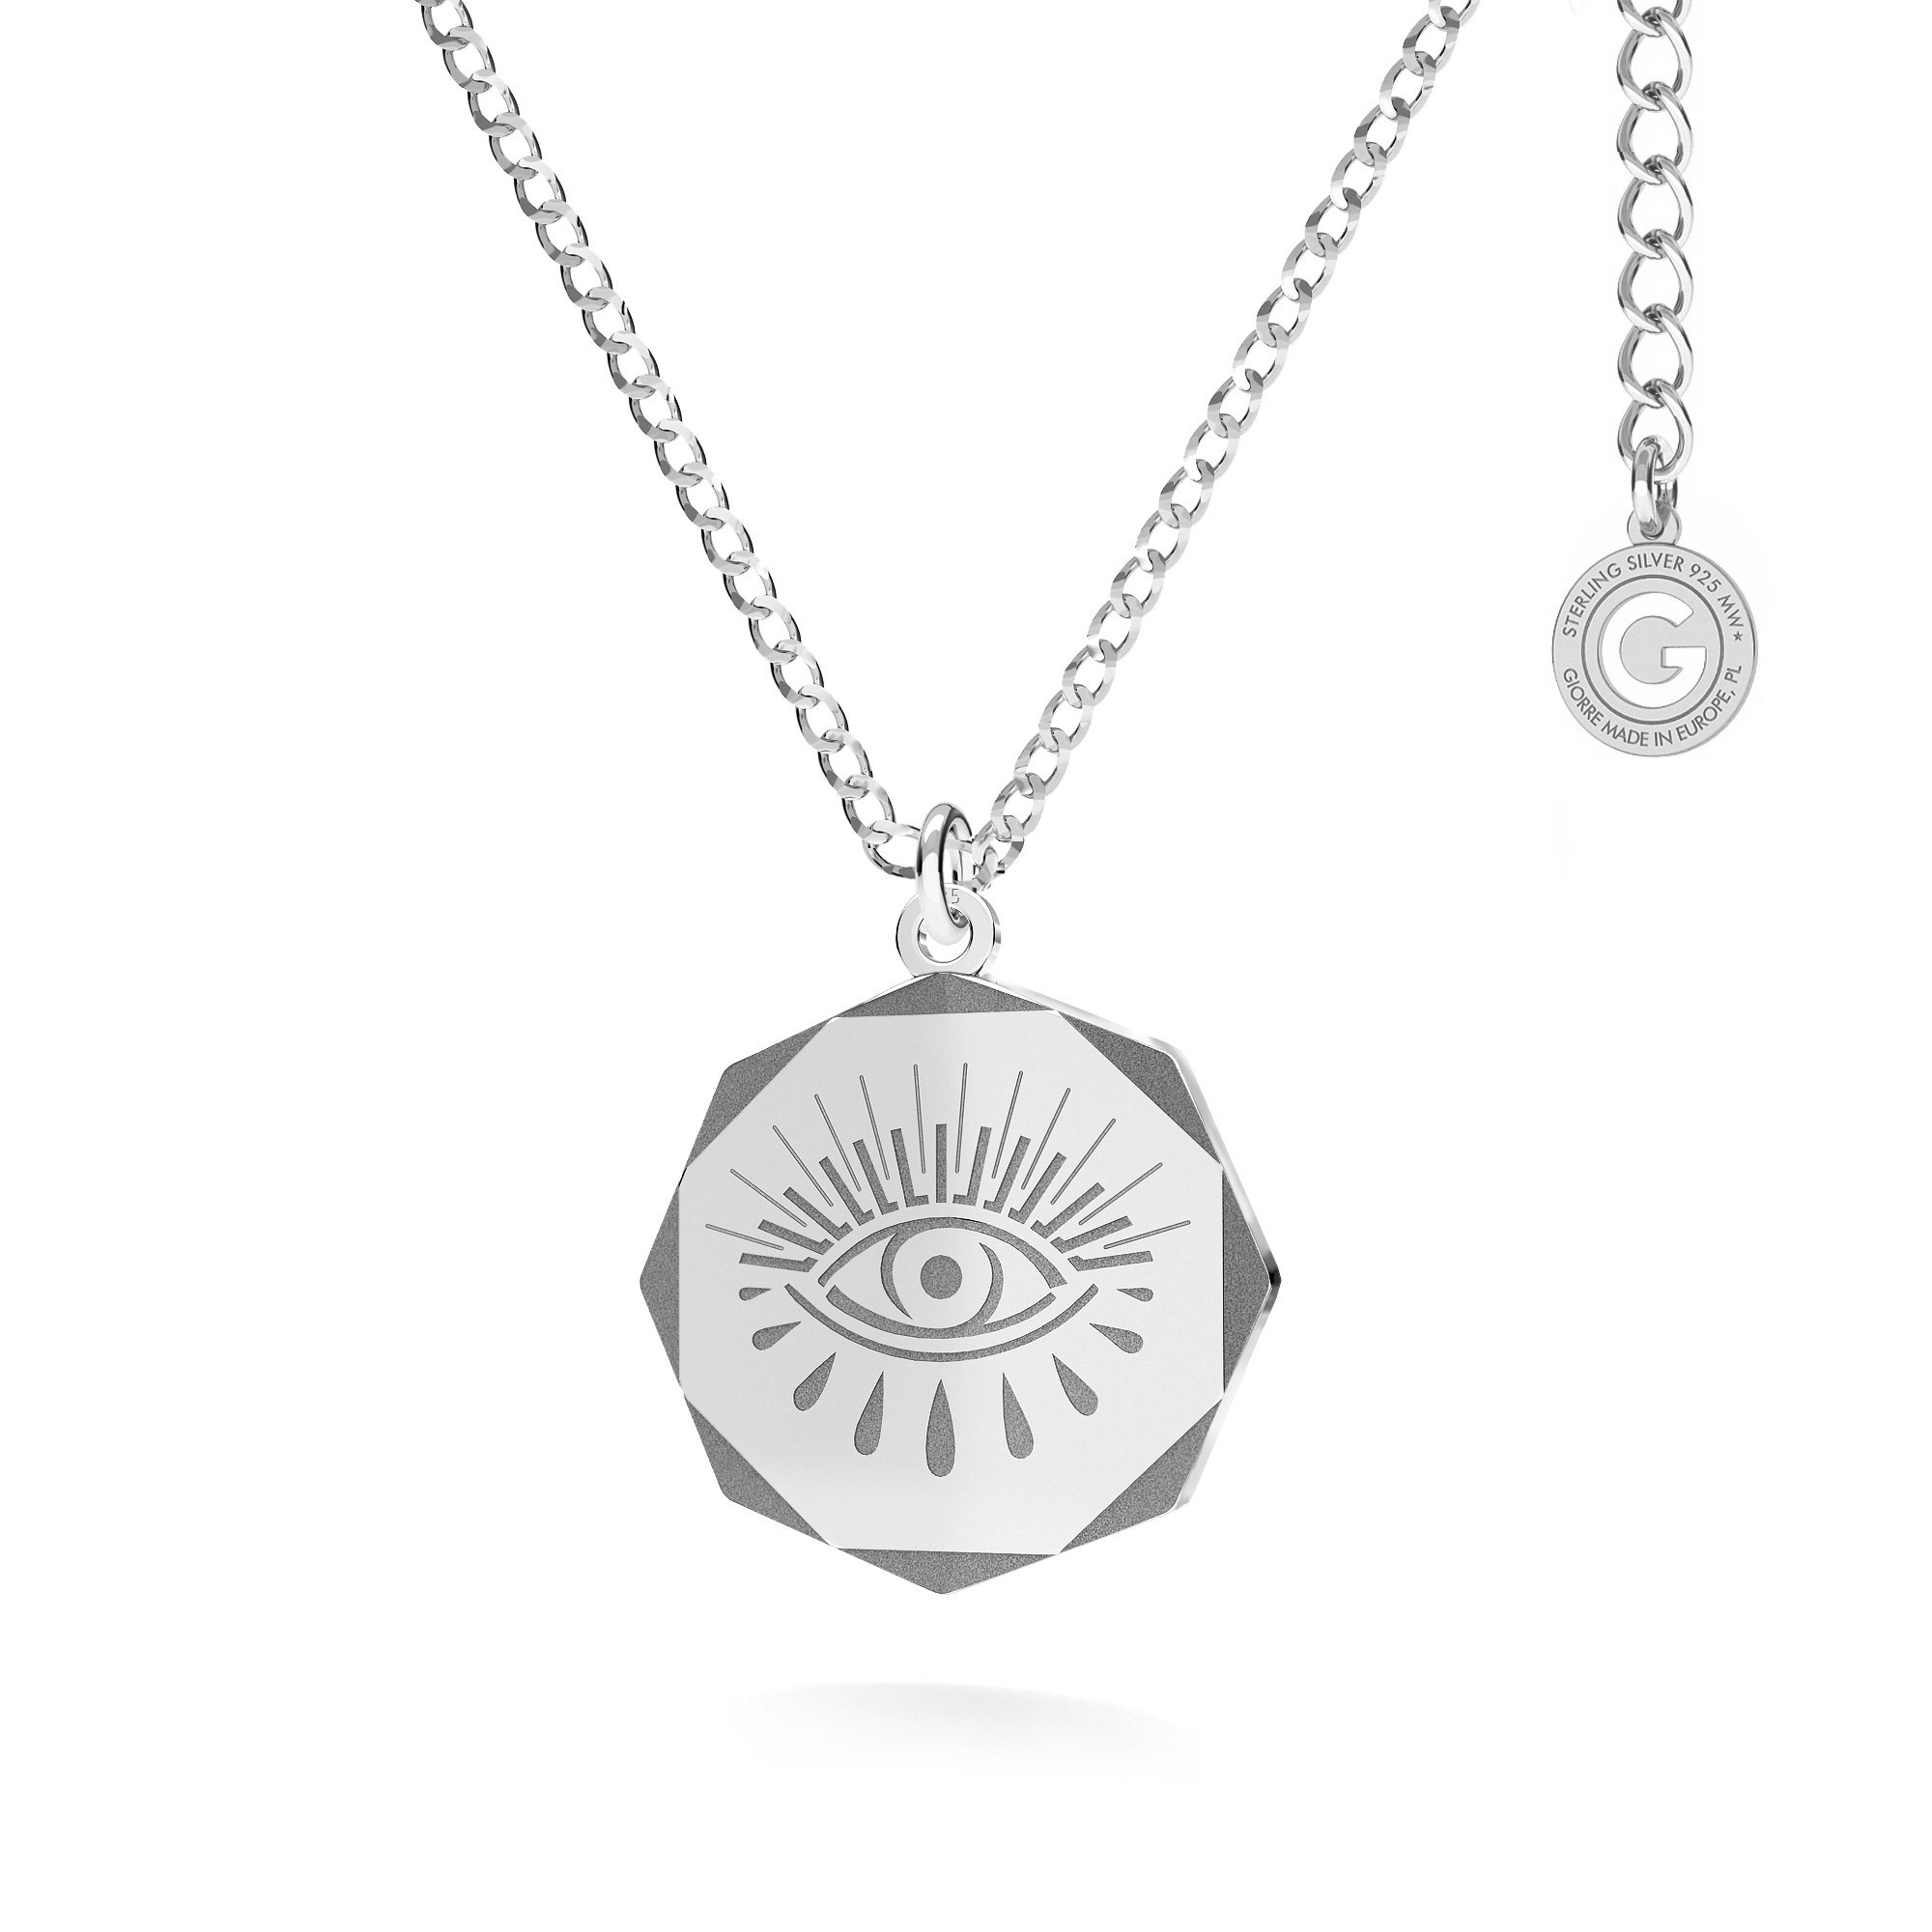 Halskette Auge des Horus MON DÉFI silber 925